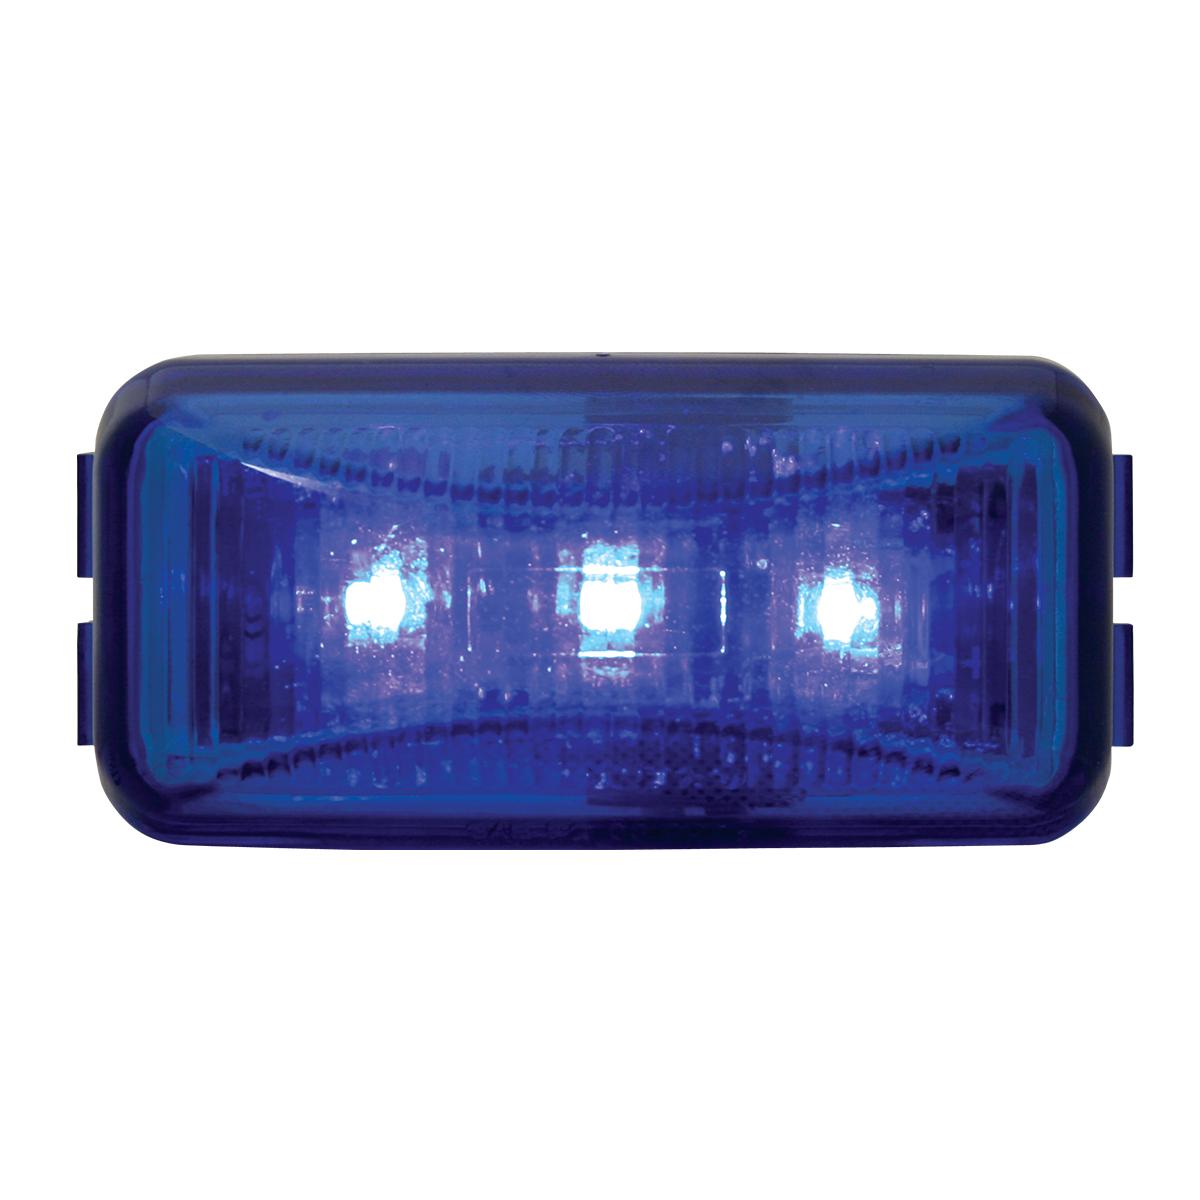 87646 Small Rectangular LED Marker Light in Blue/Blue